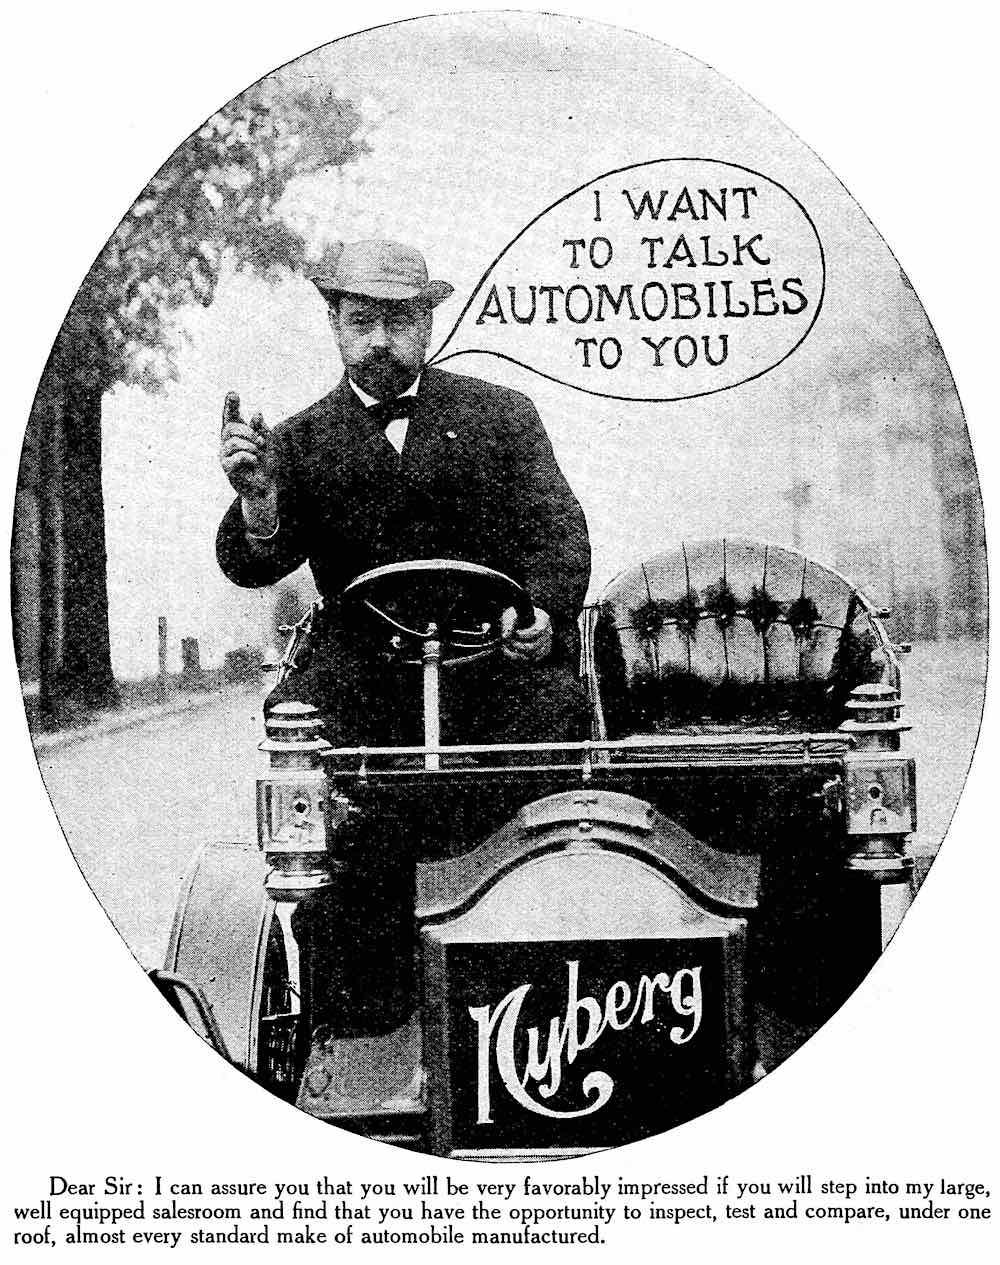 a pushy assertive car salesman in an advertisement